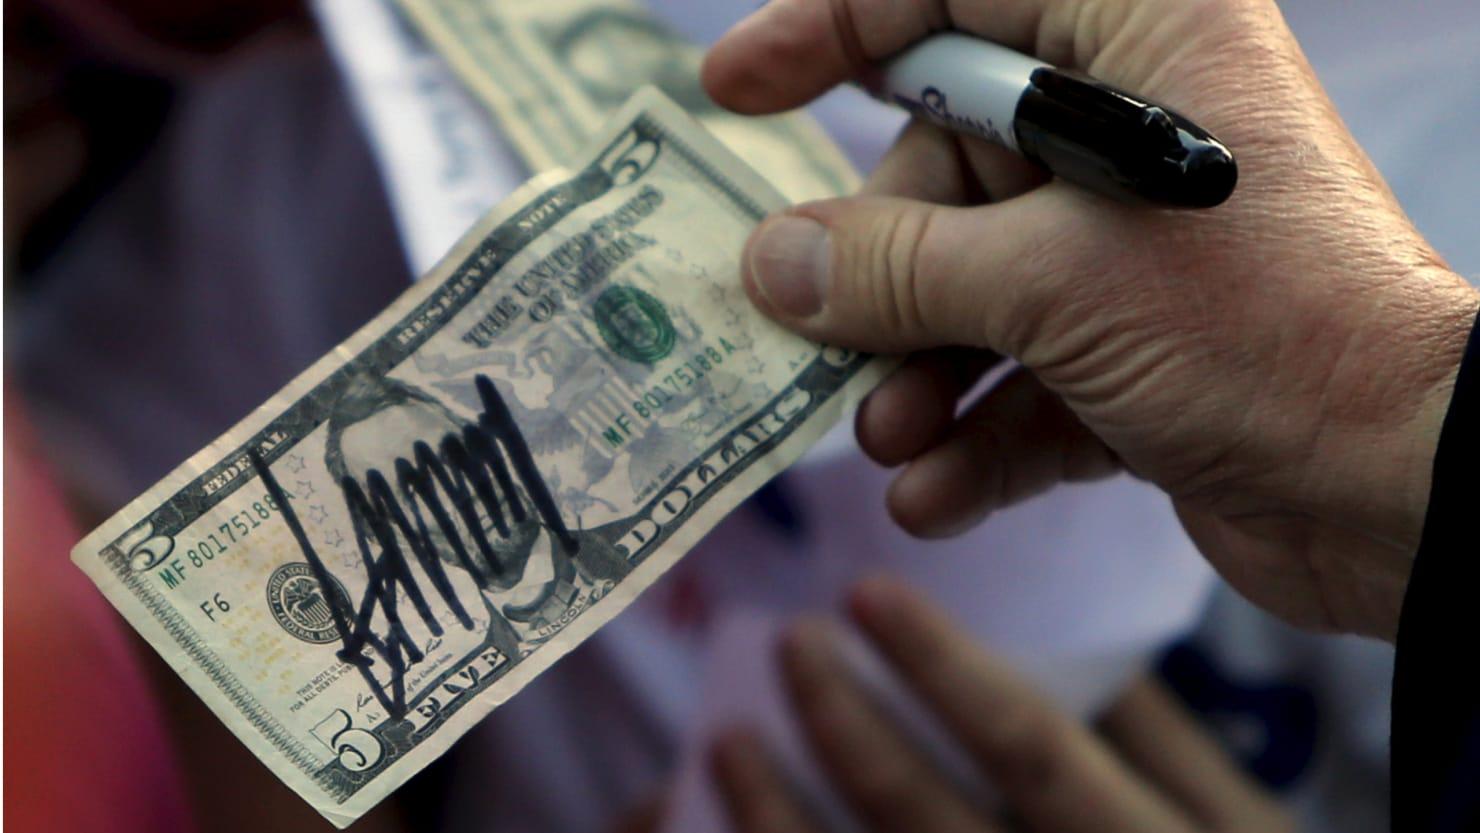 Senior Trump officials get $10,000 raise despite shut-down